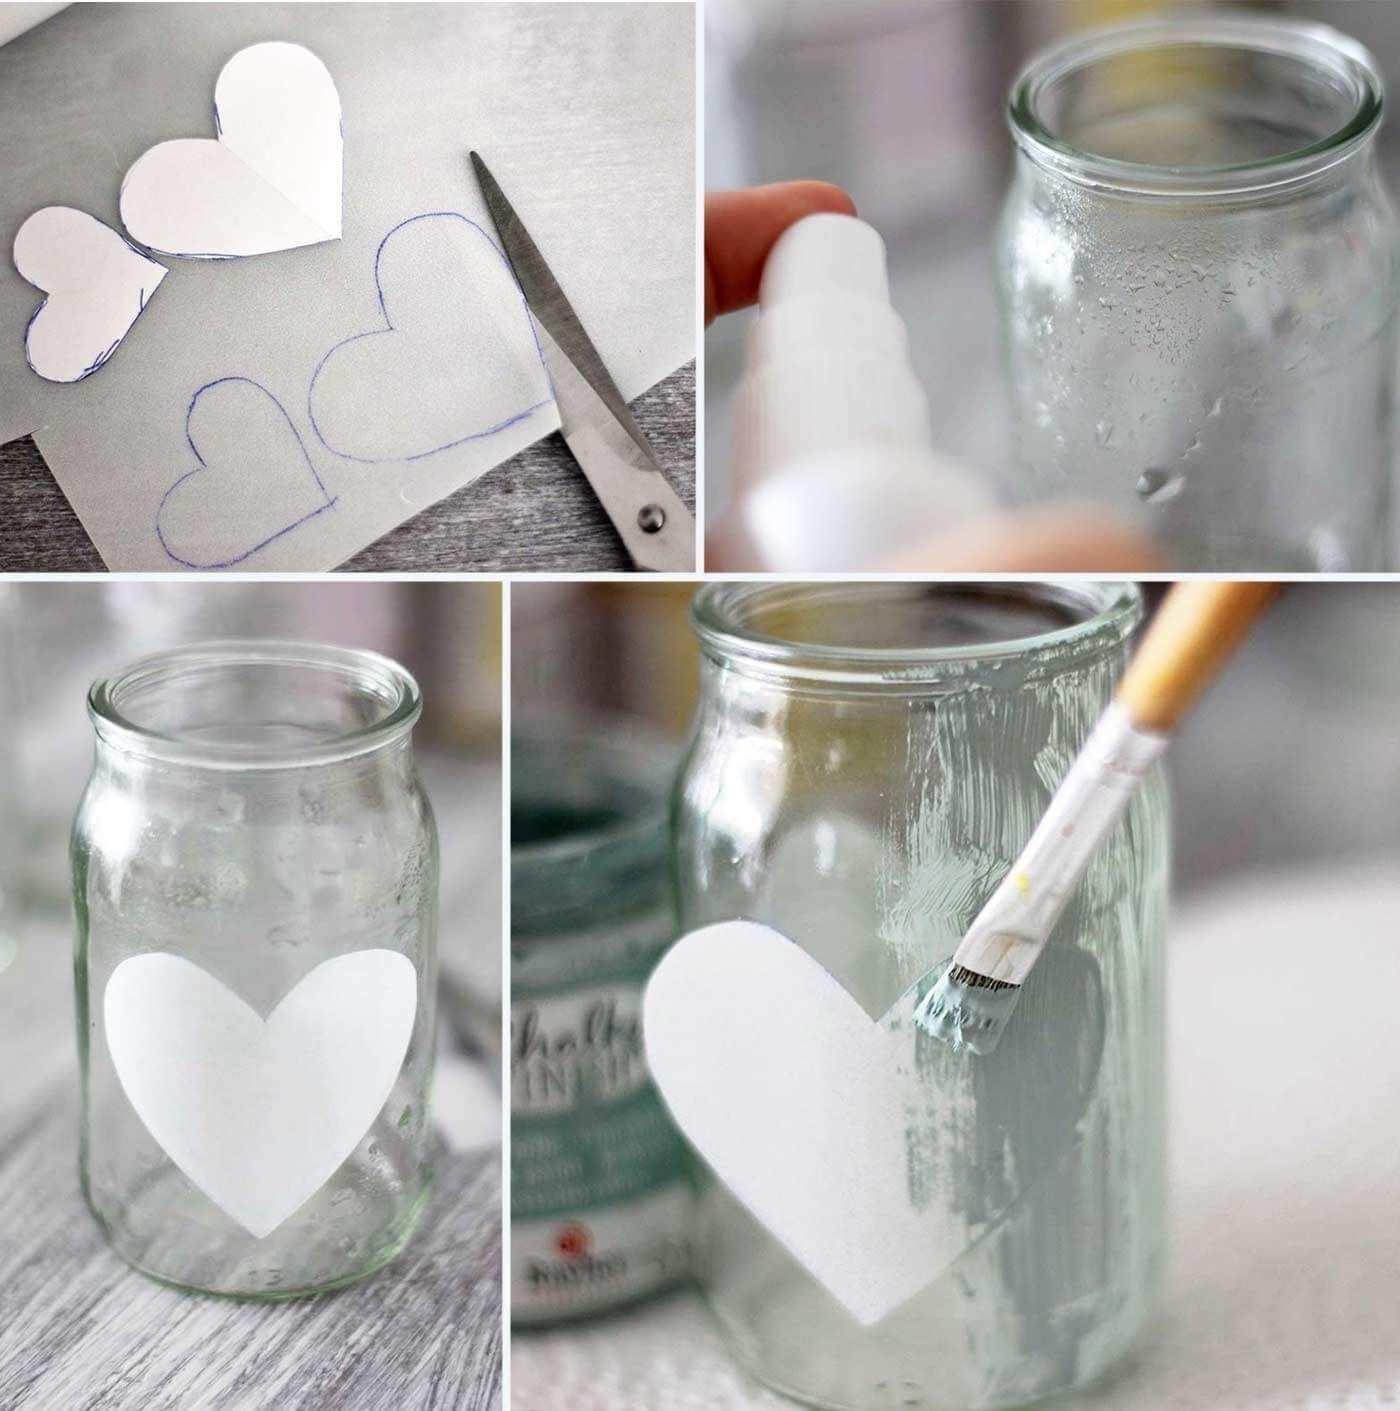 Diy Glas Deko 5 Tolle Ideen Fur S Glaser Dekorieren Glaser Dekorieren Einmachglaser Dekorieren Glaser Dekorieren Weihnachten